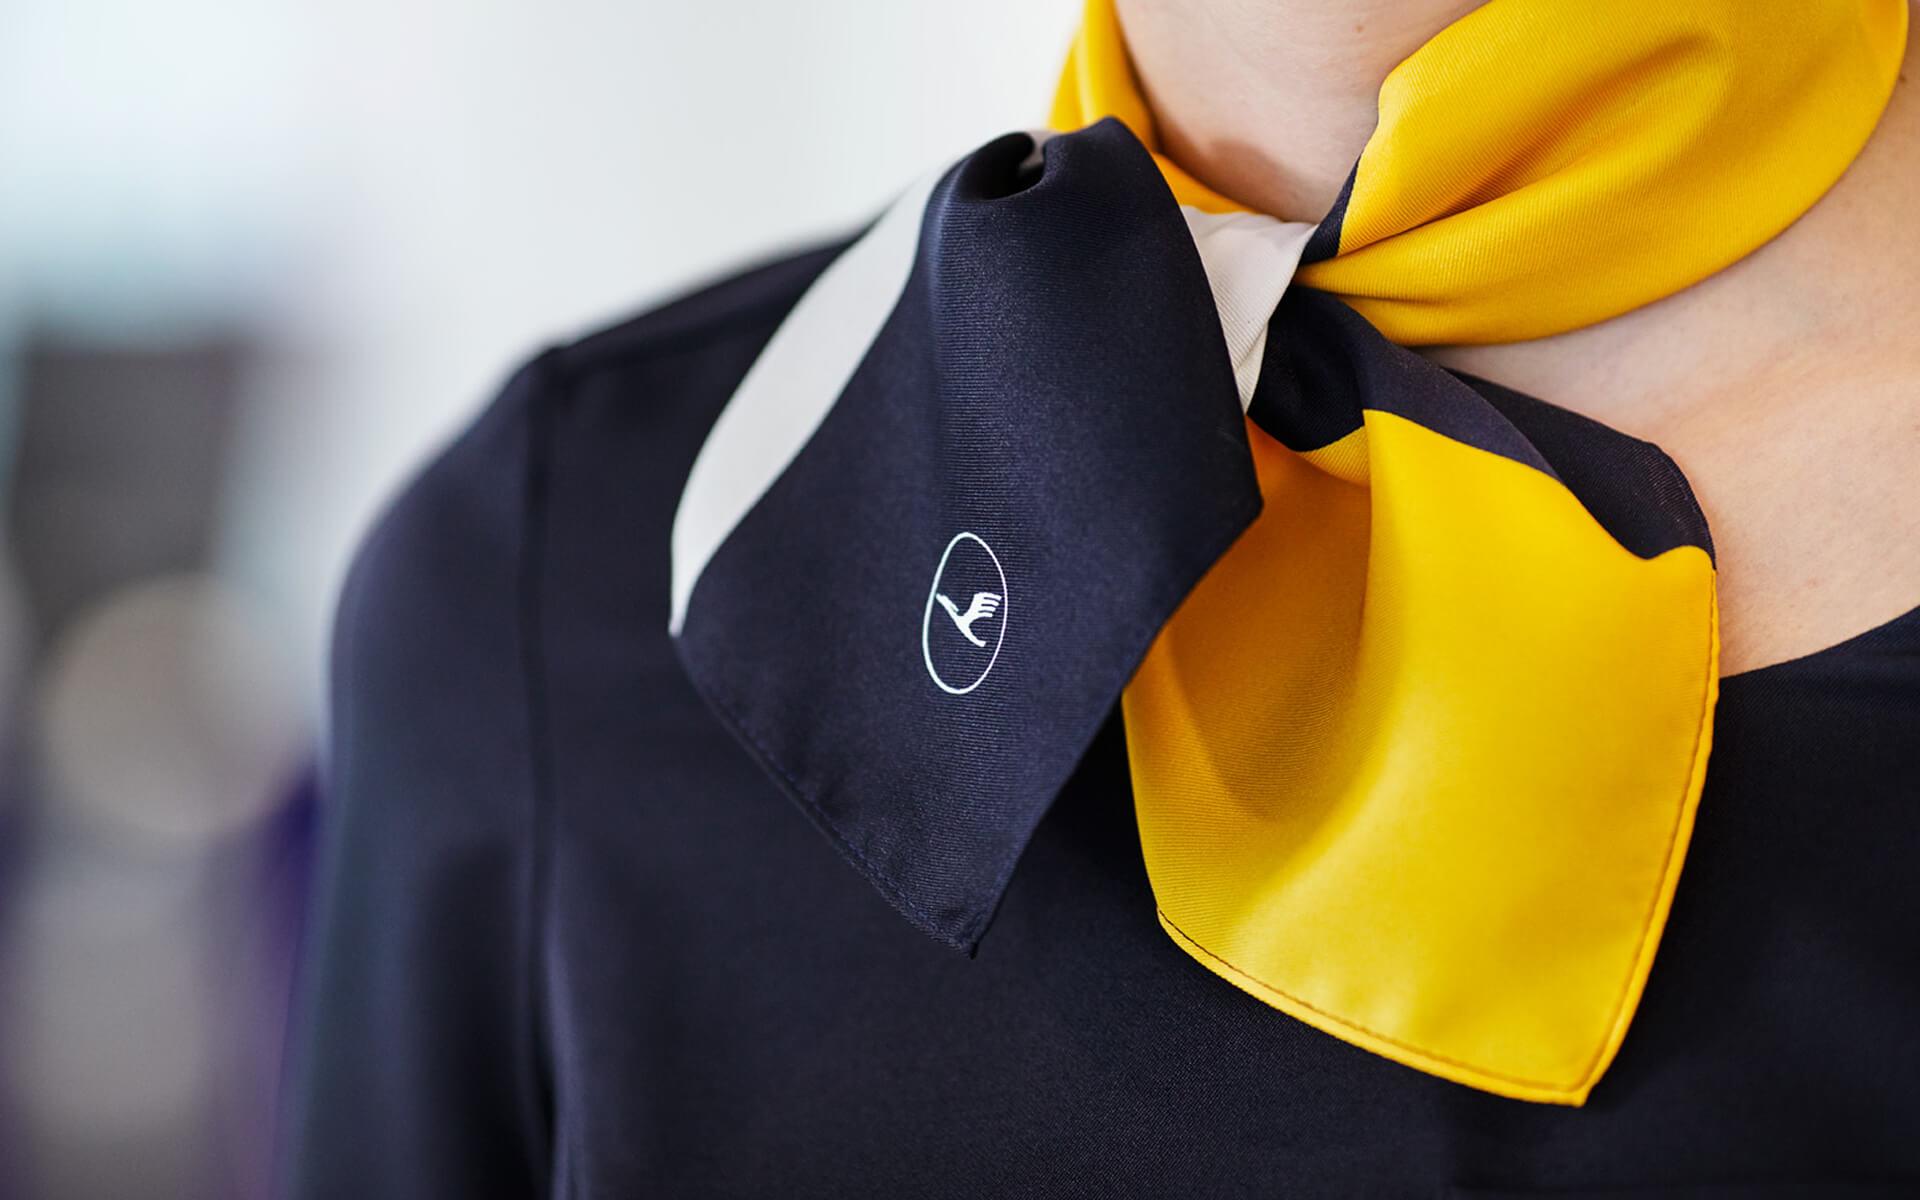 Lufthansa Corporate Design 2018, Redesign, Corporate Fashion